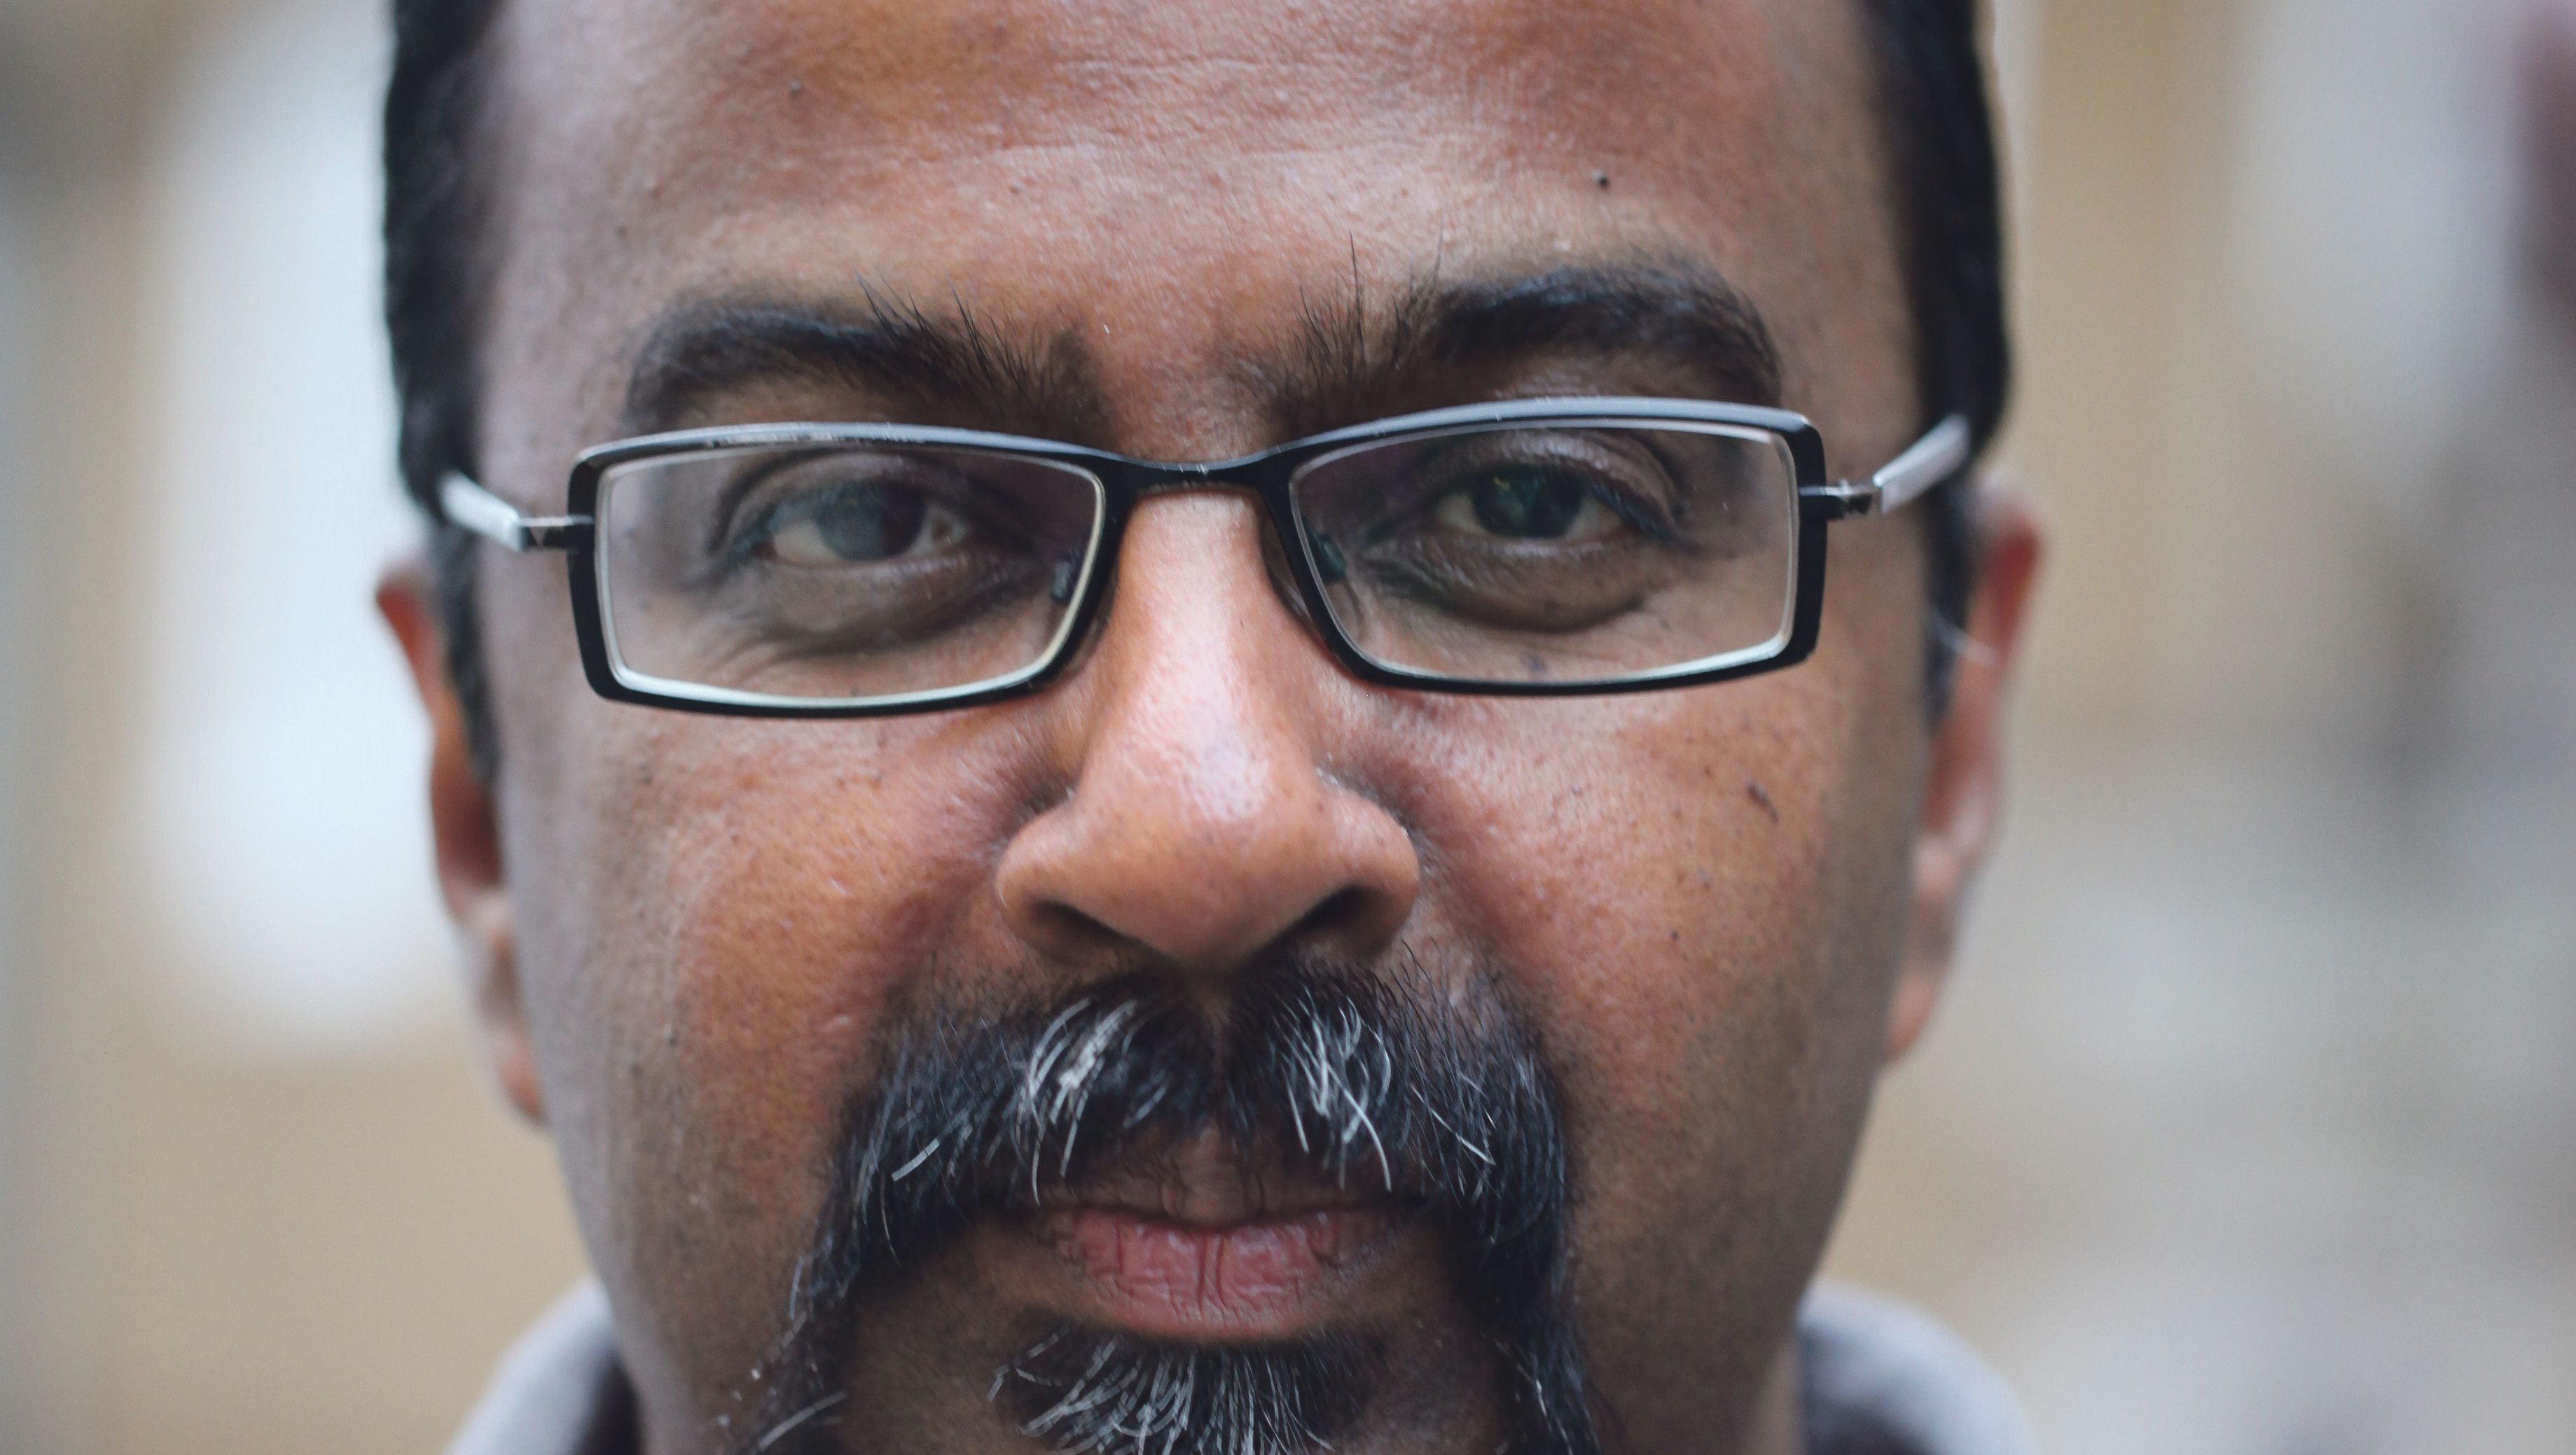 Abeywardena wurde wegen seiner kritischen journalistischen Berichte bedroht. Foto: Simone Ahrend, sah-photo